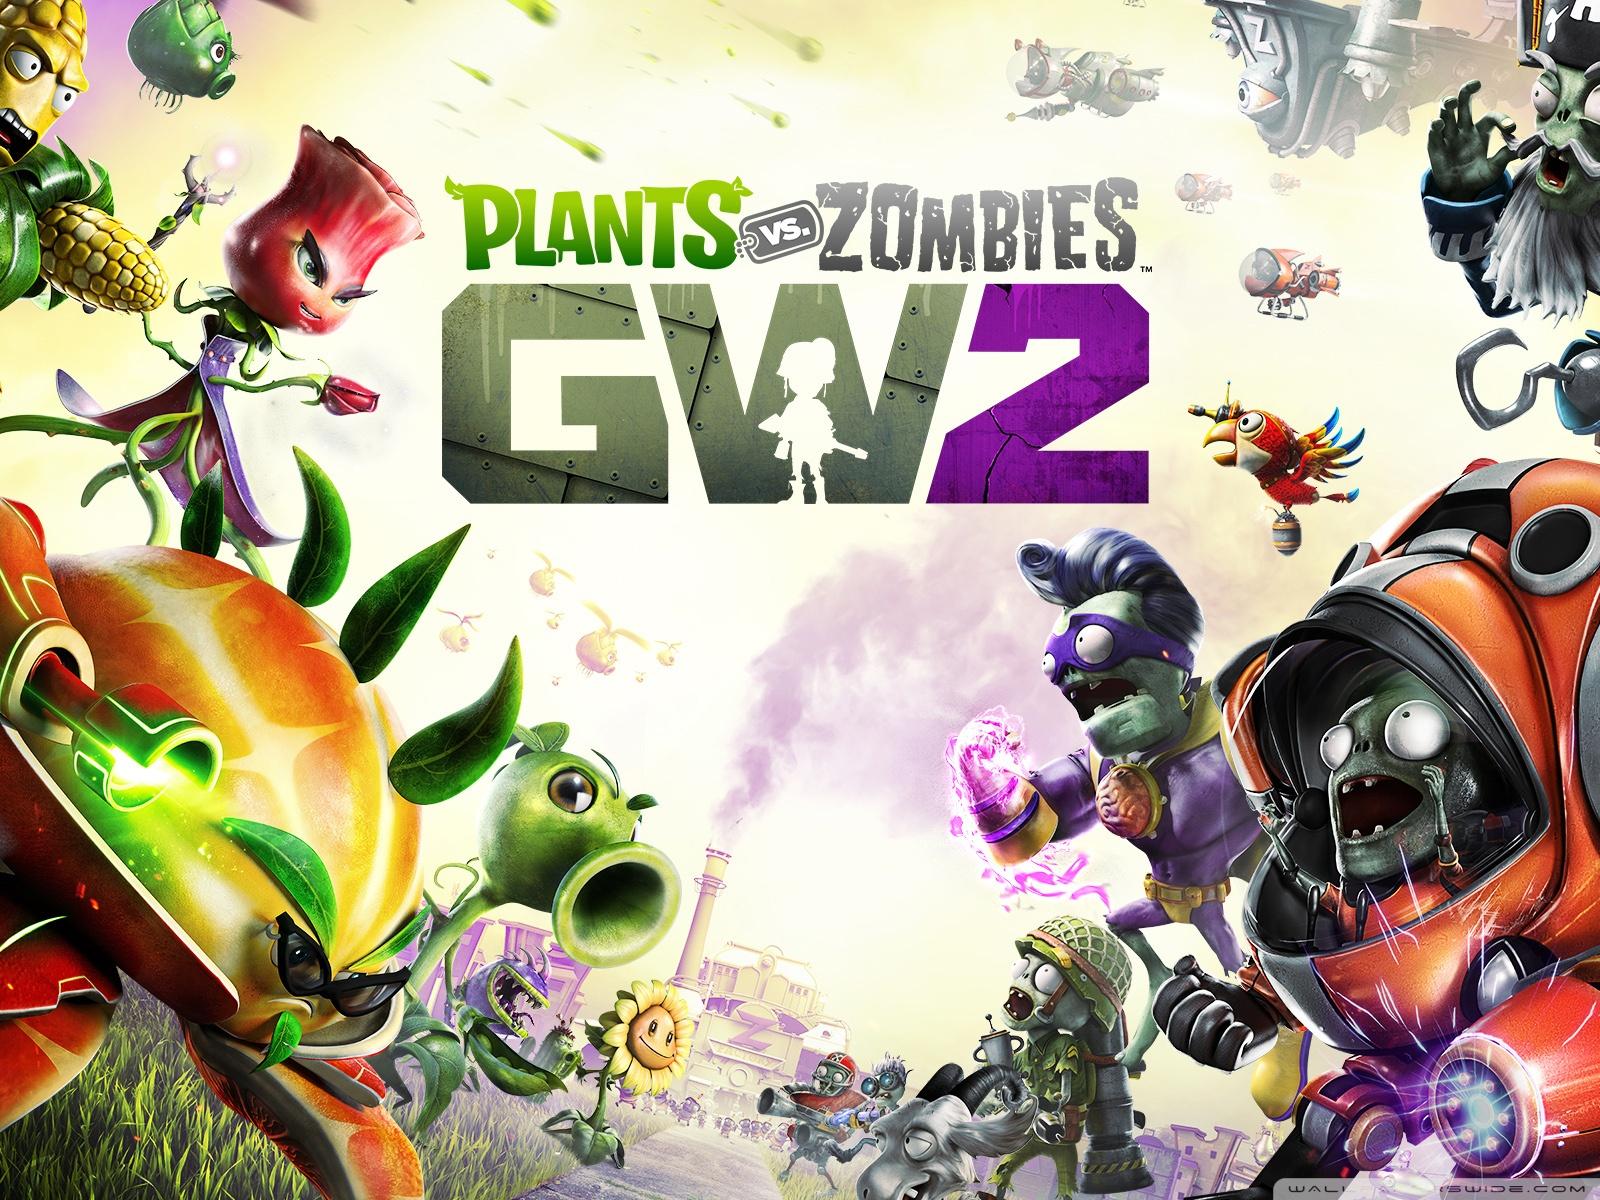 Free Plants vs. Zombies Garden Warfare 2 phone wallpaper by songman